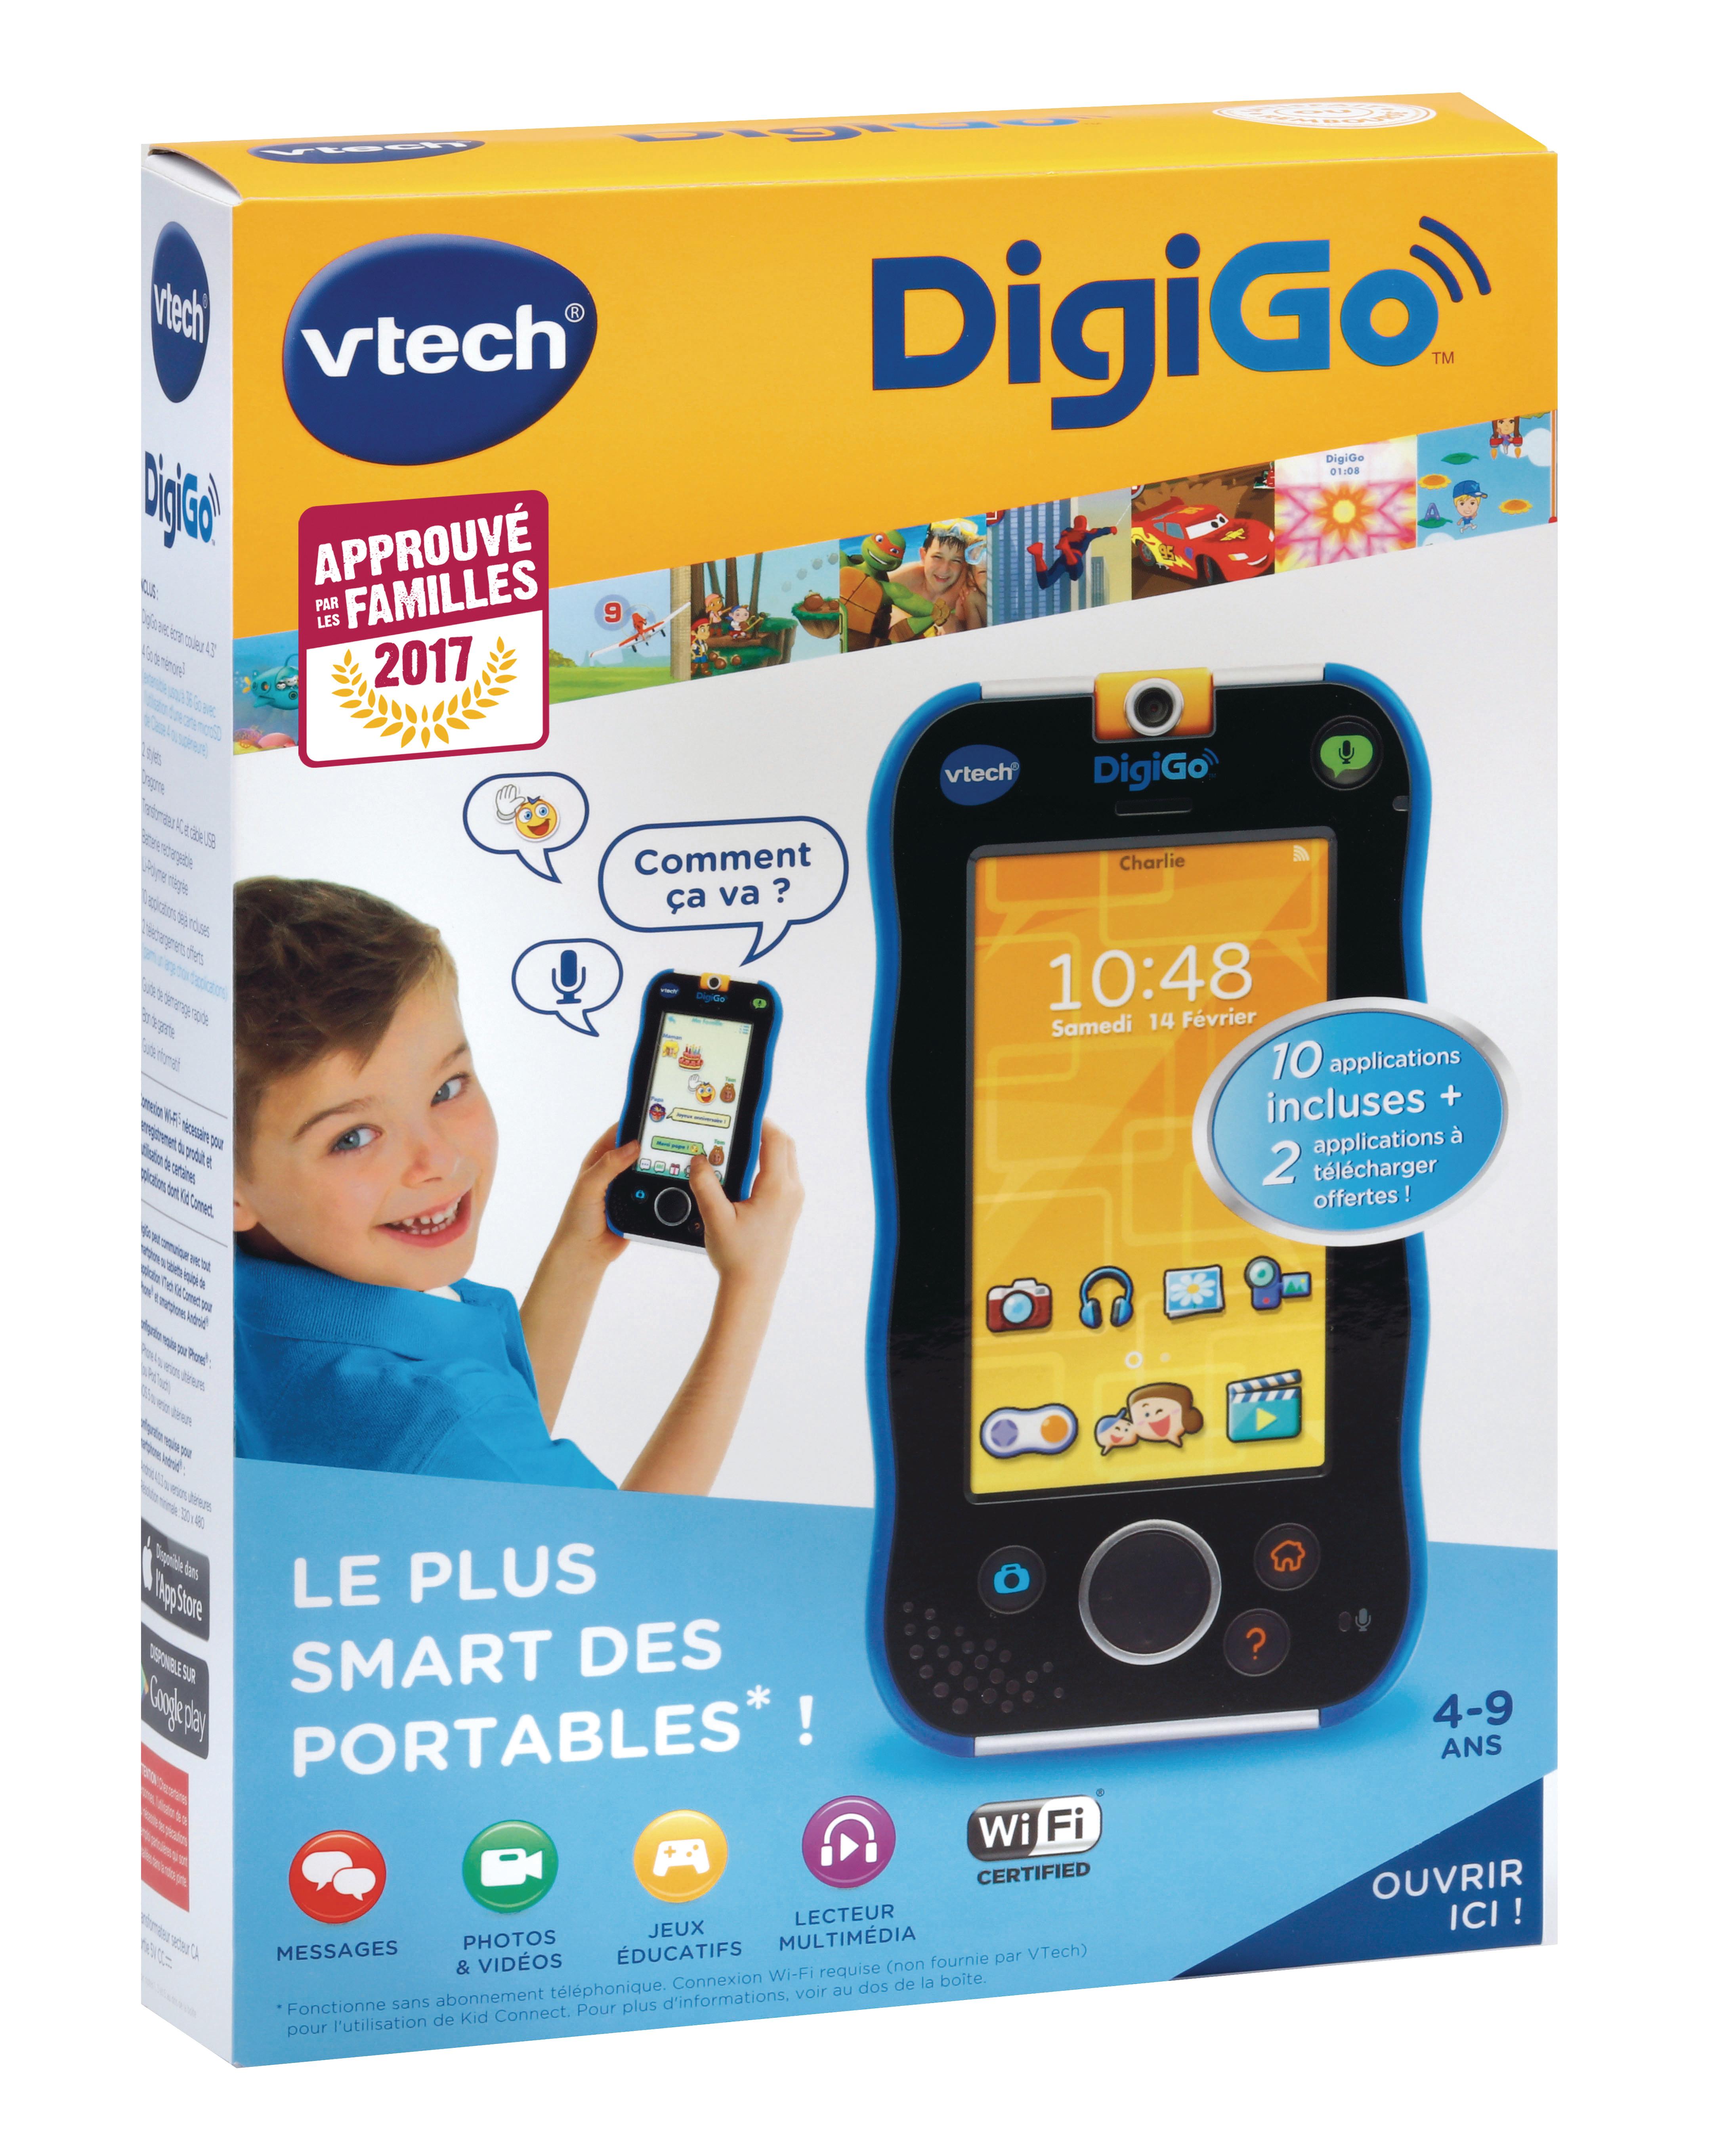 DigiGo bleu - Vtech